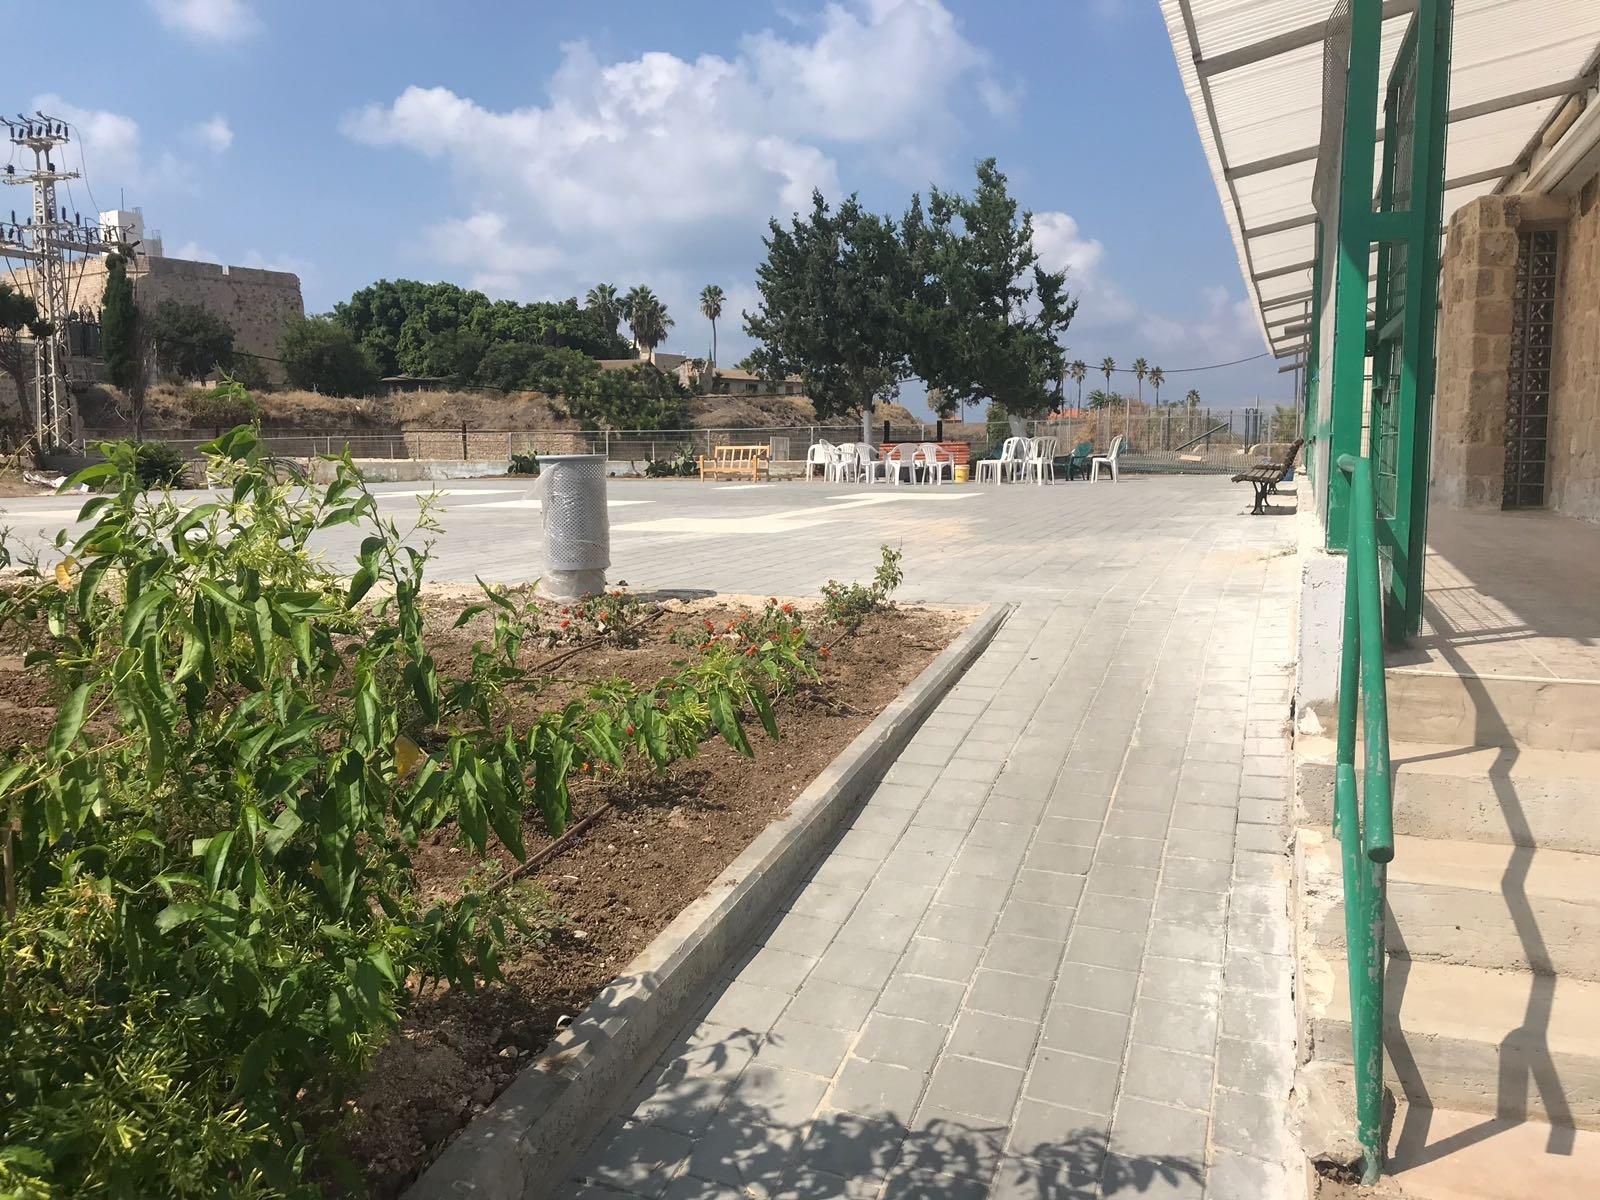 بلدية عكا تقوم بترميمات واسعة في ساحة المتنزه المحاذي للخندق